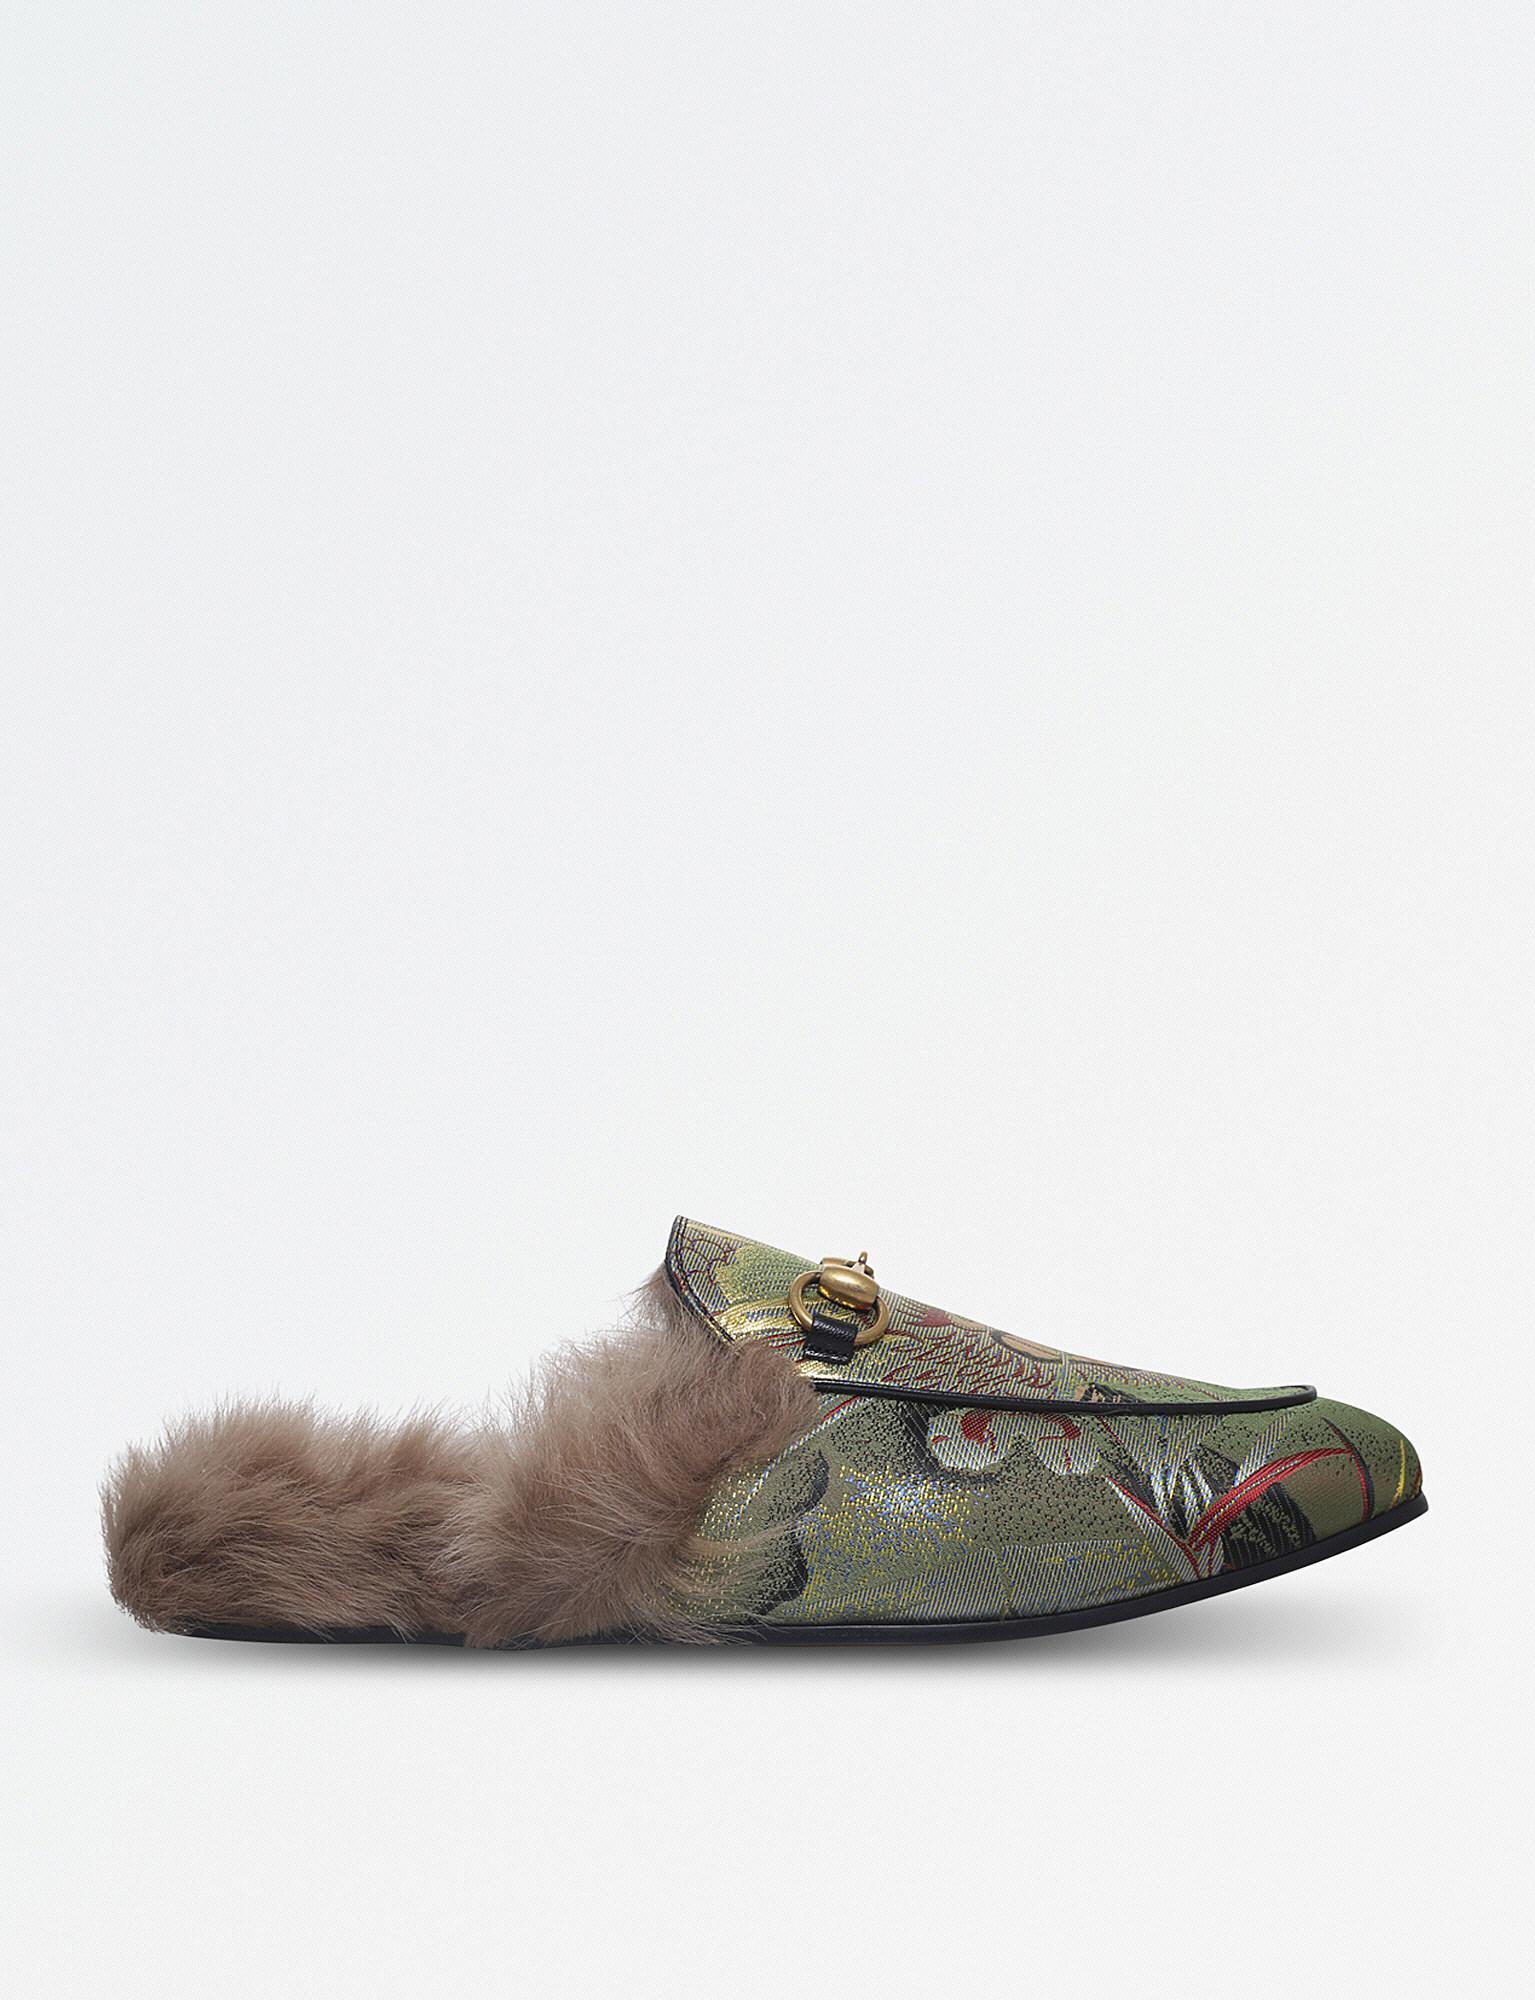 Gucci Jordaan Wool-Lined Slippers 8EP8eRi2